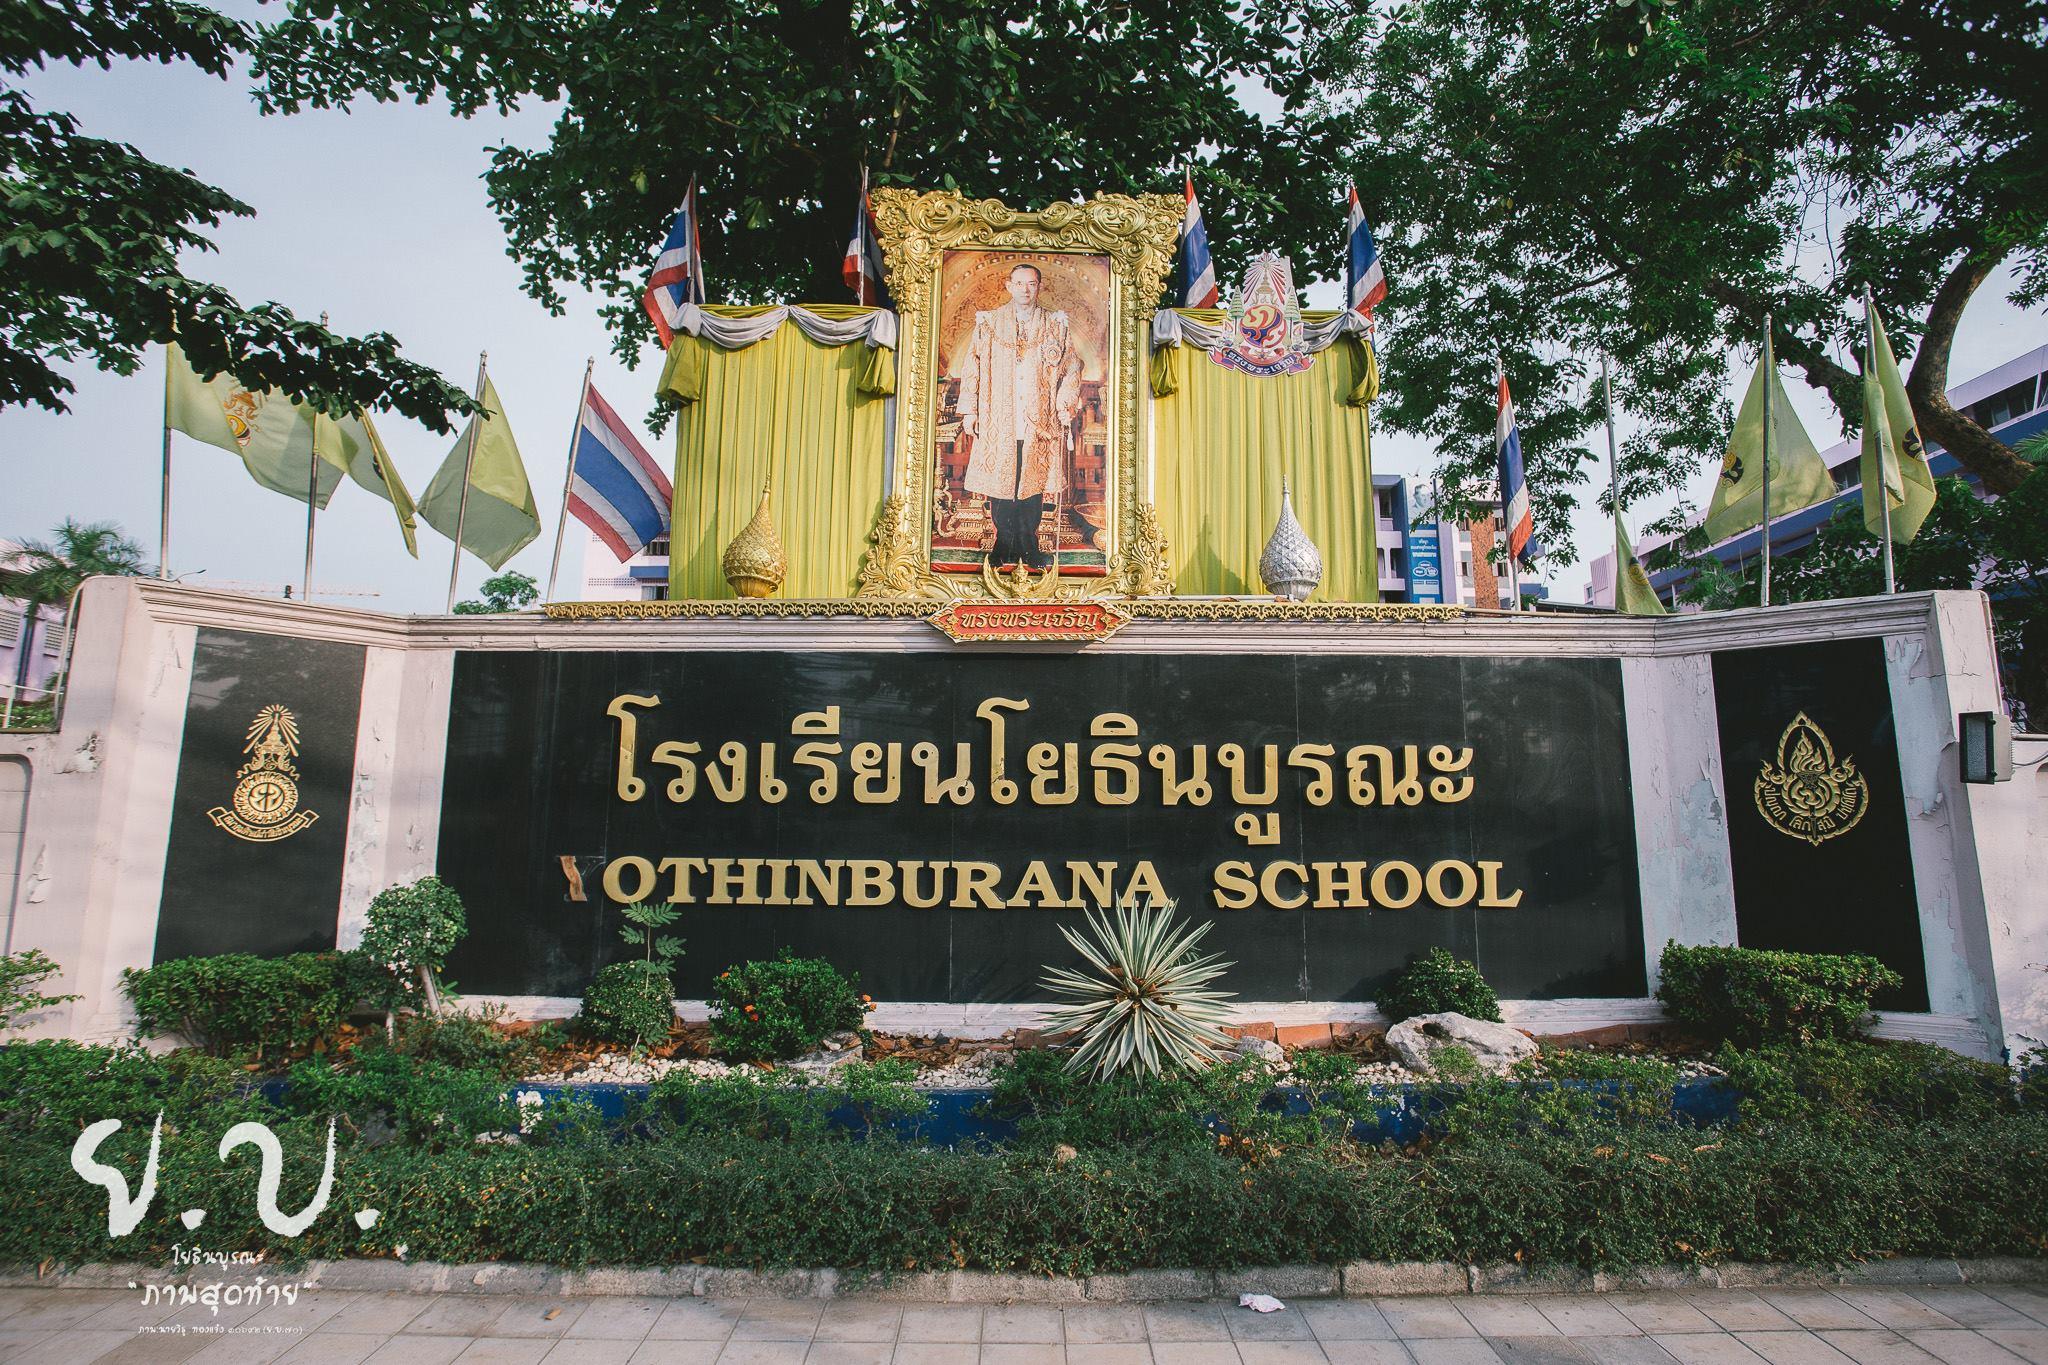 ทุบโรงเรียน ภาพสุดท้าย รัฐสภา โยธินบูรณะ โรงเรียนโยธินบูรณะ